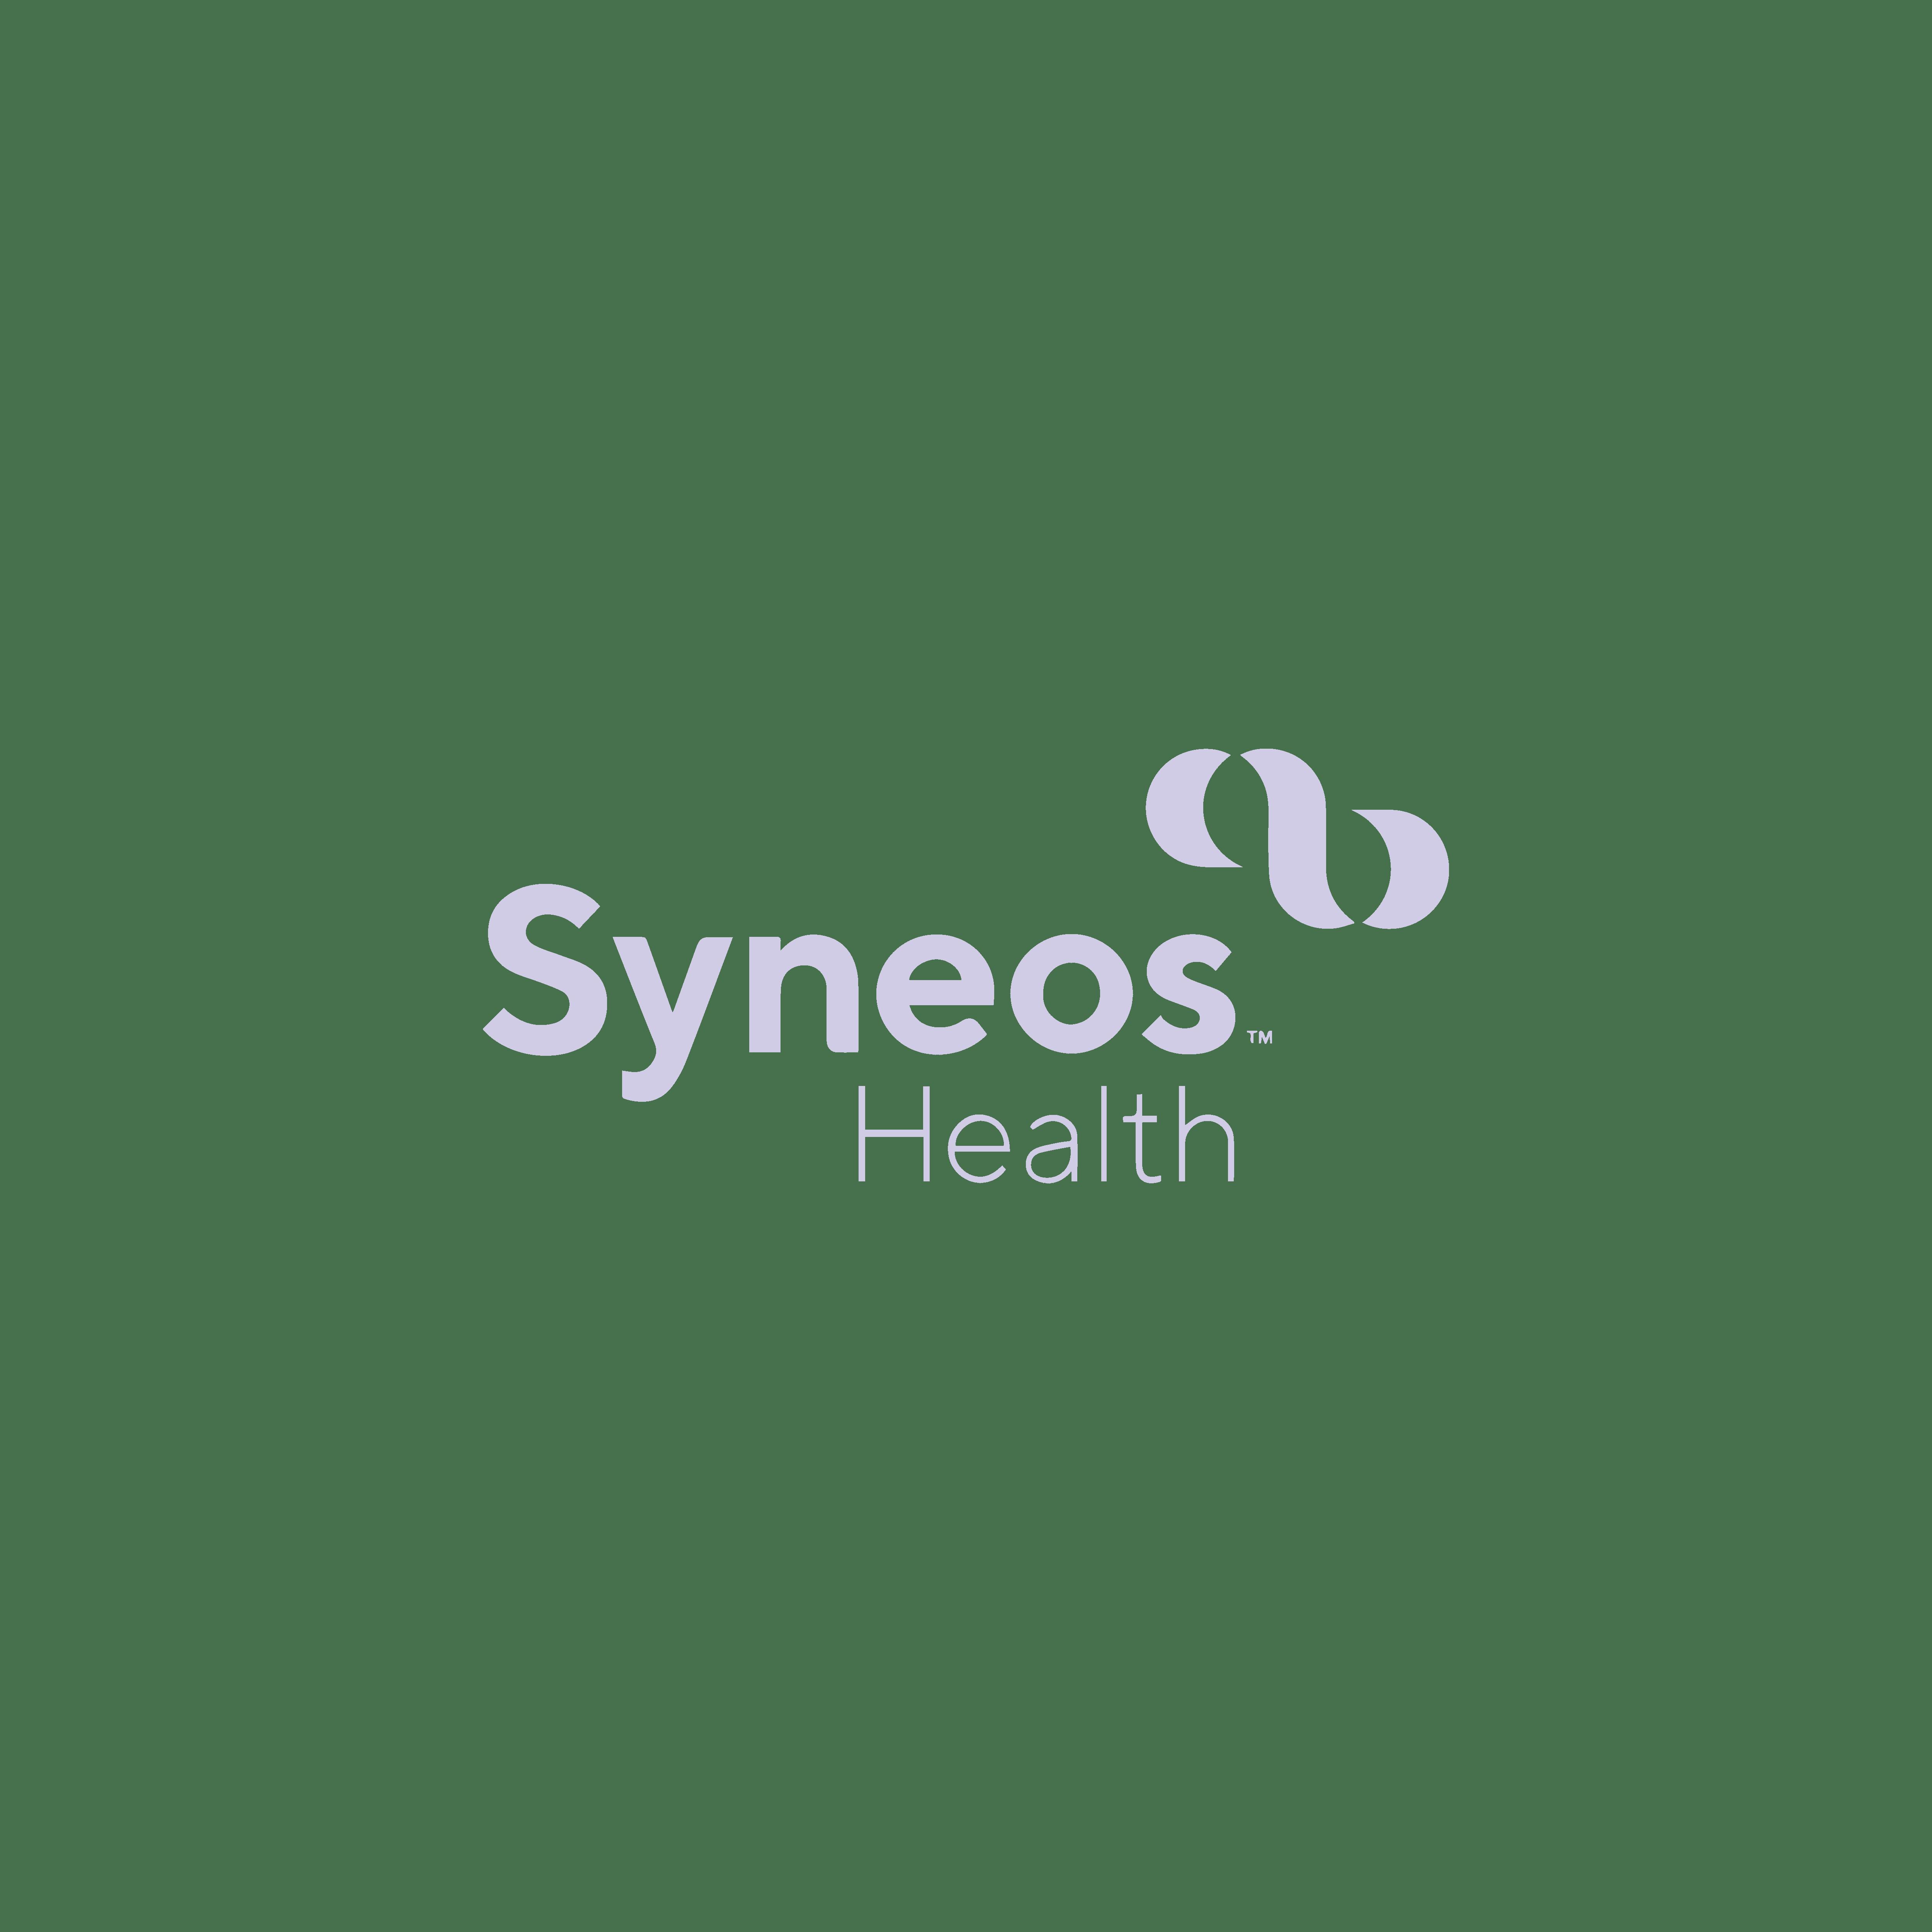 syneos planable customer logo